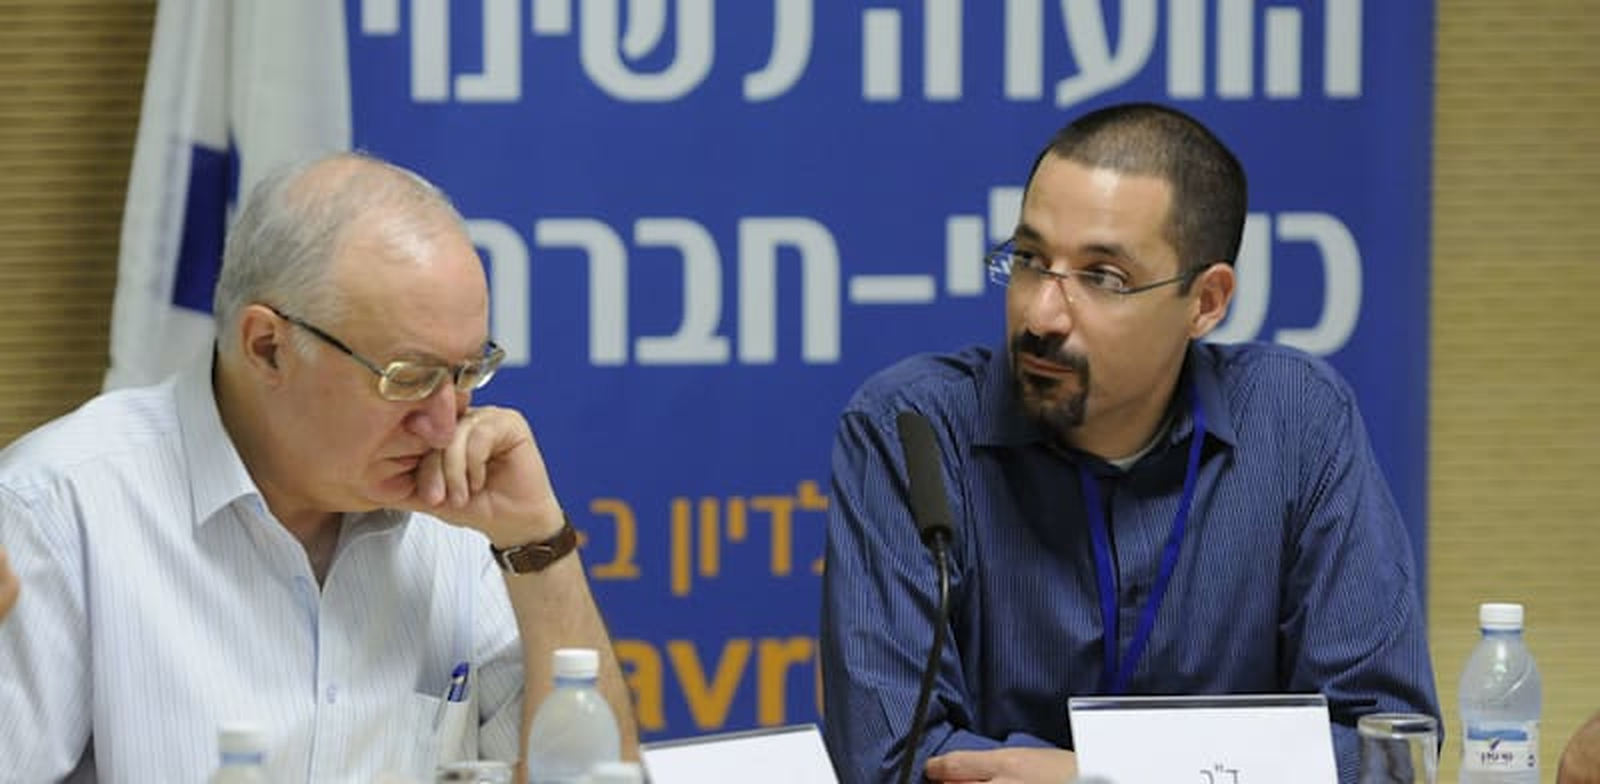 """ד""""ר שלומי פריזט לצד פרופ' מנואל טרכטנברג, 2011 בוועדה לשינוי כלכלי-חברת י / צילום: אוריה תדמור"""